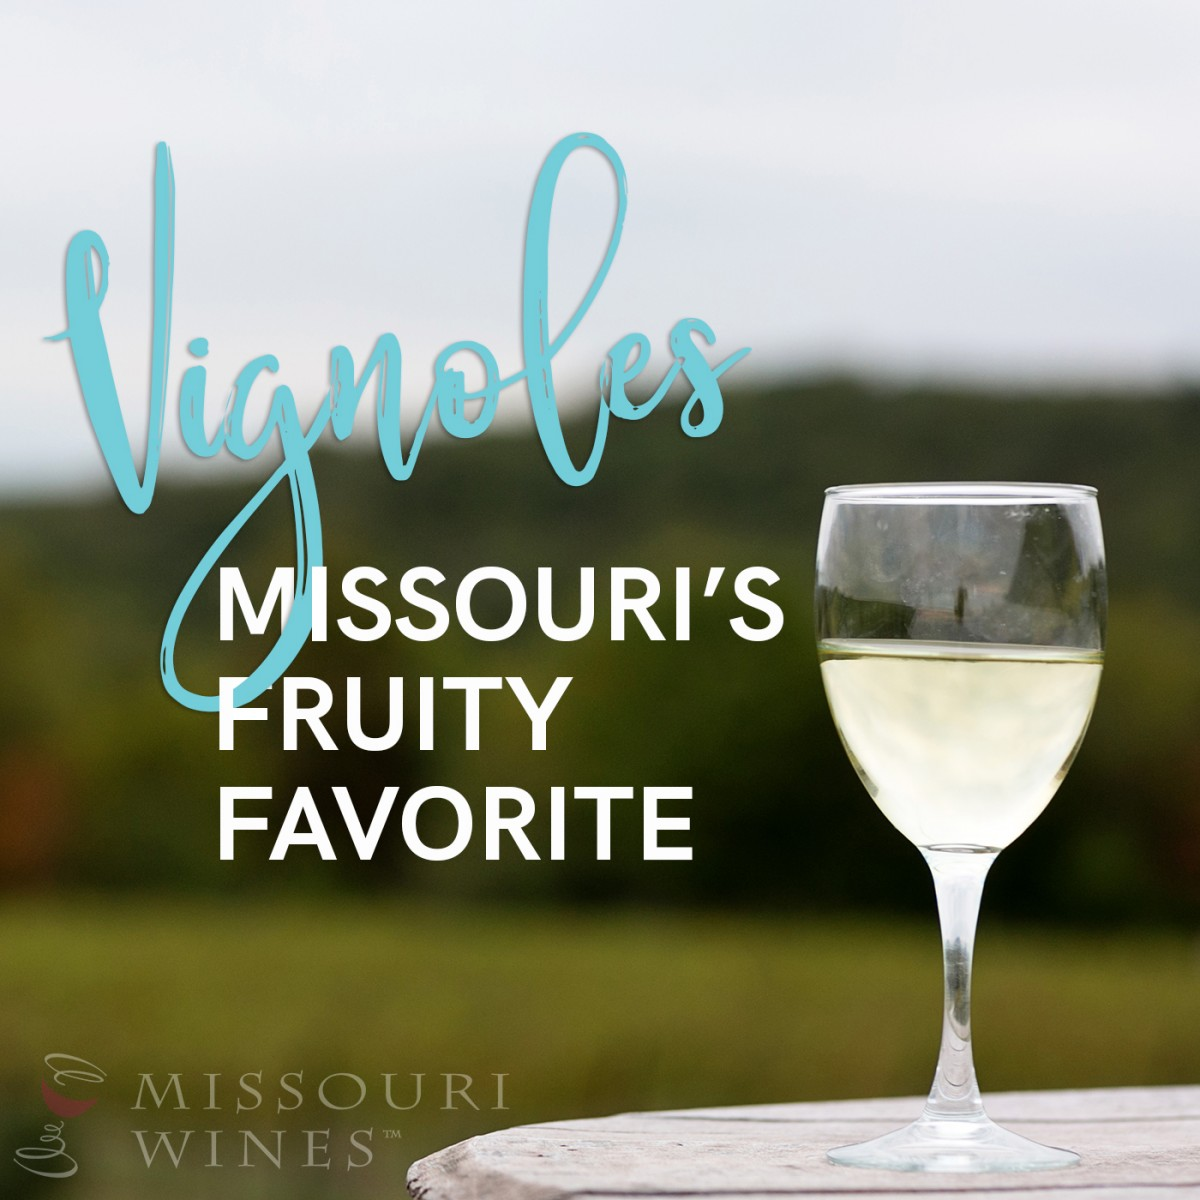 38c2b229aef Vignoles - Missouri's Fruity Favorite | MO Wine